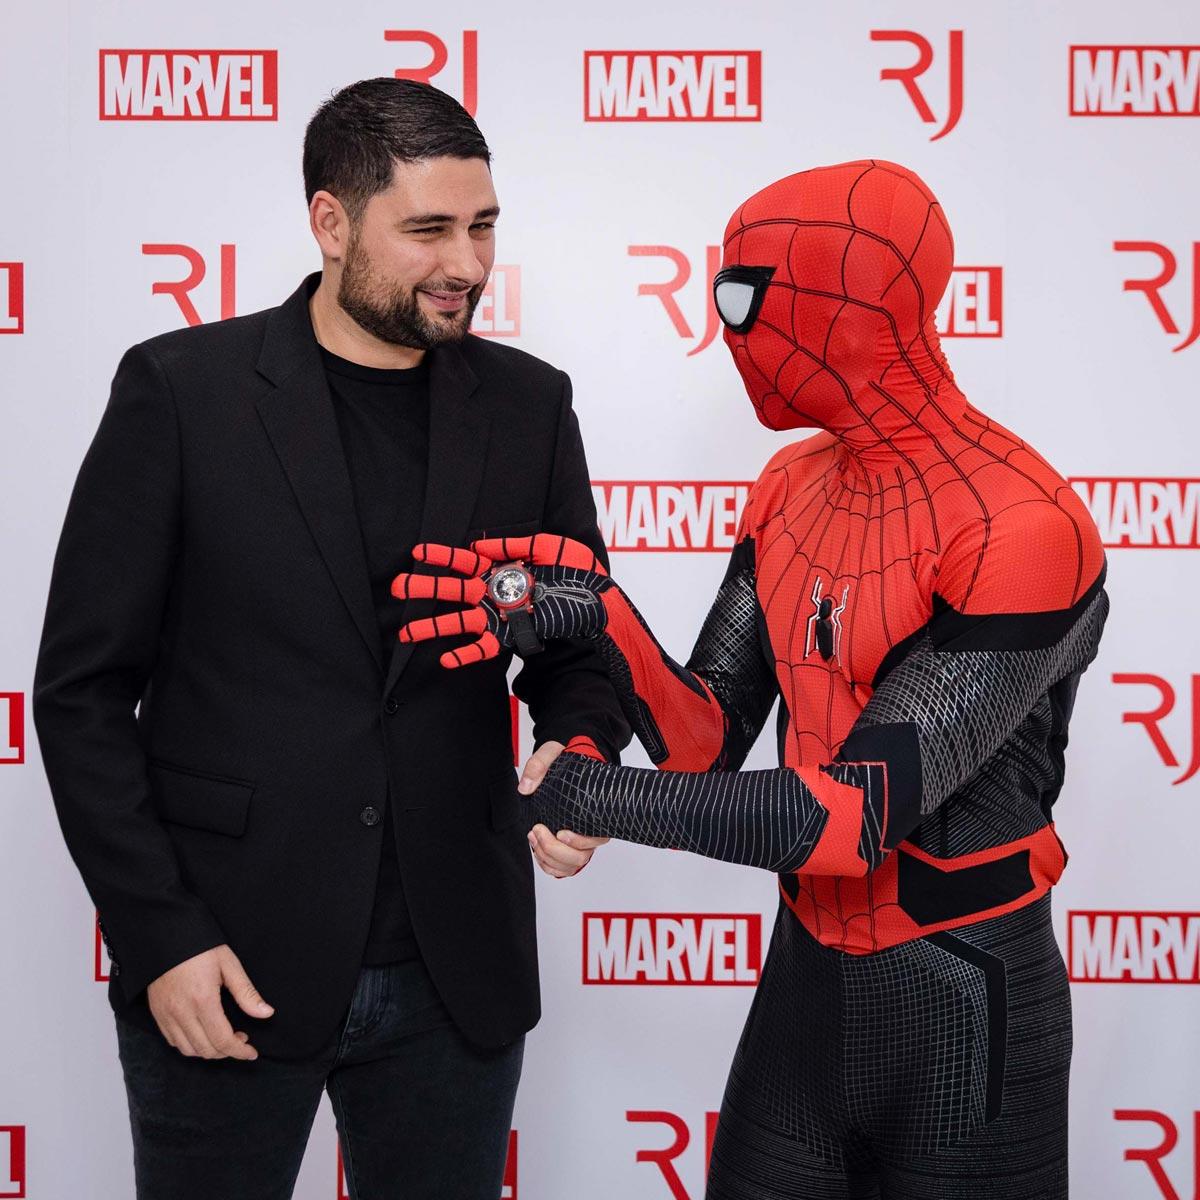 La Cote des Montres : Photo - Lancement de la collection de montres RJ Spider-Man aux États-Unis